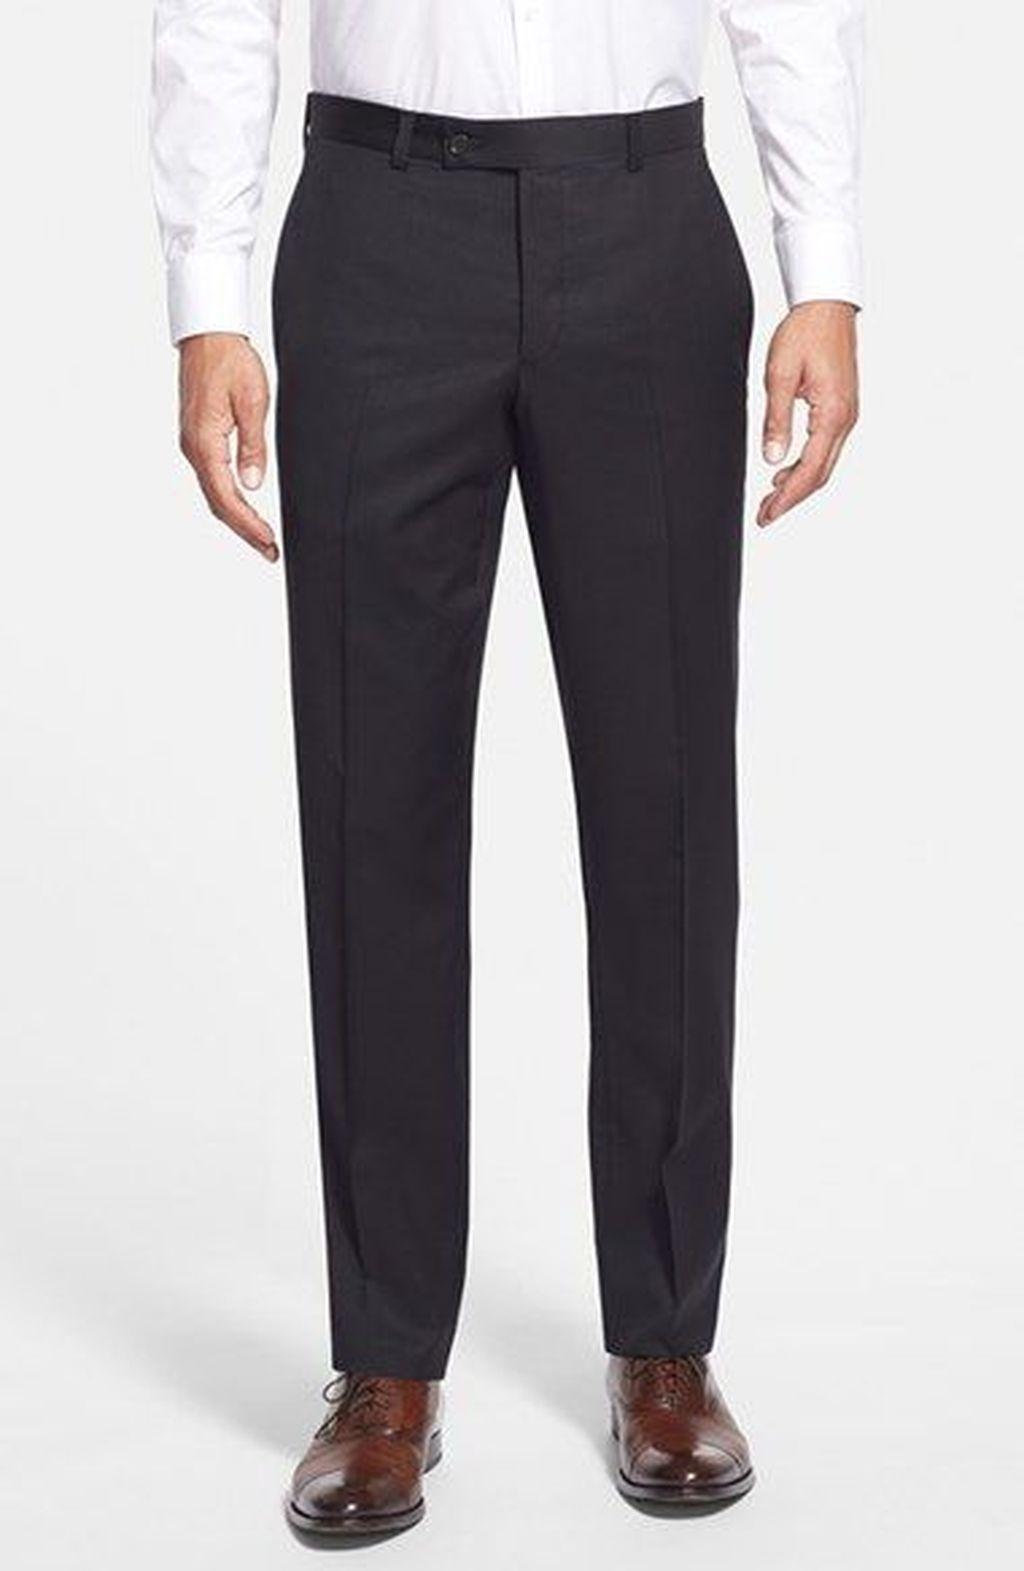 a8d9159af5 50 Style Of Men's Pants On Valentine's Day | Men Fashion | Mens ...